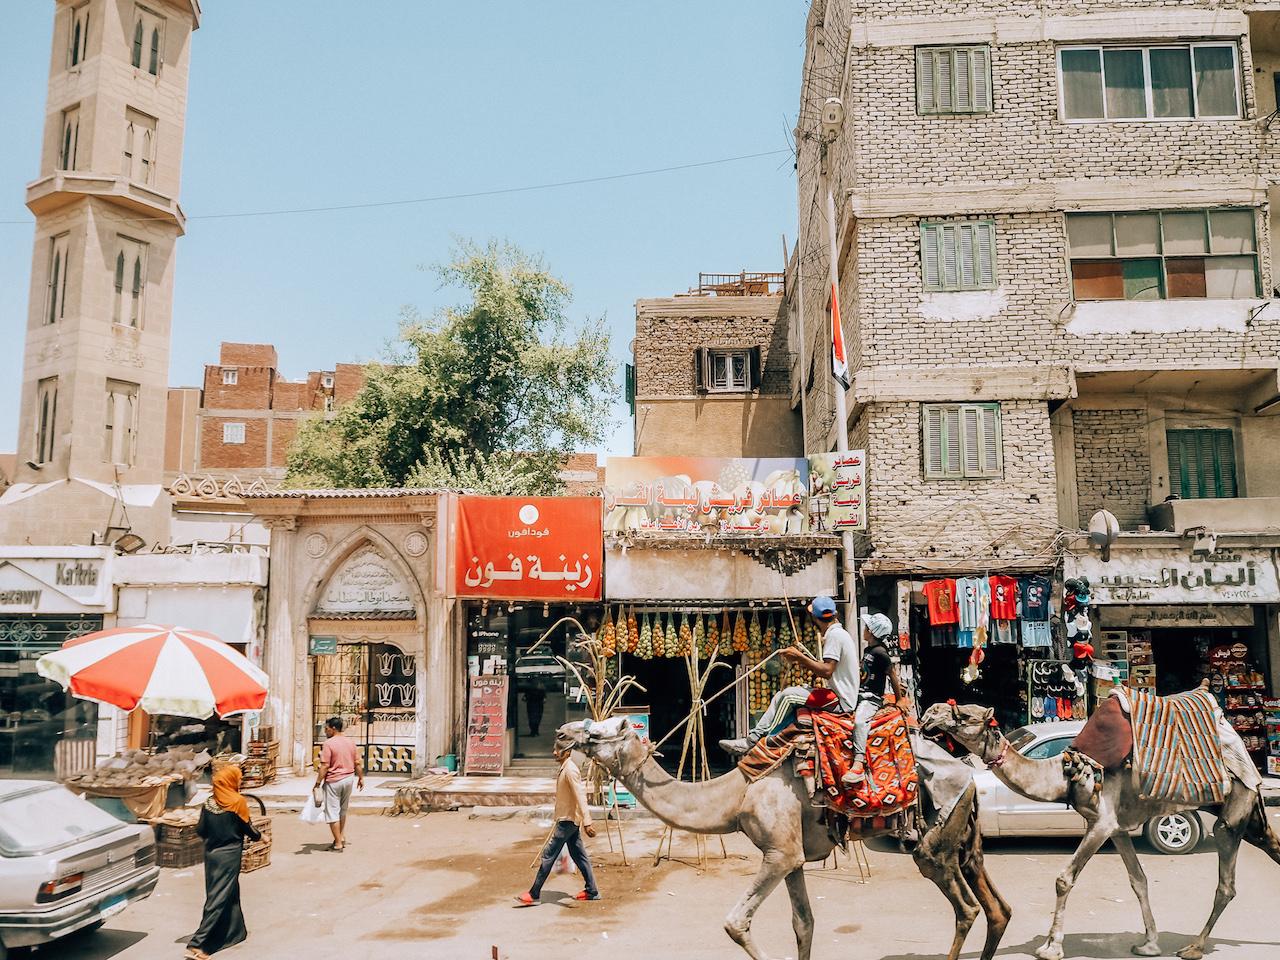 実際に行ったから分かる!エジプト旅行で必要な持ち物や心得!!